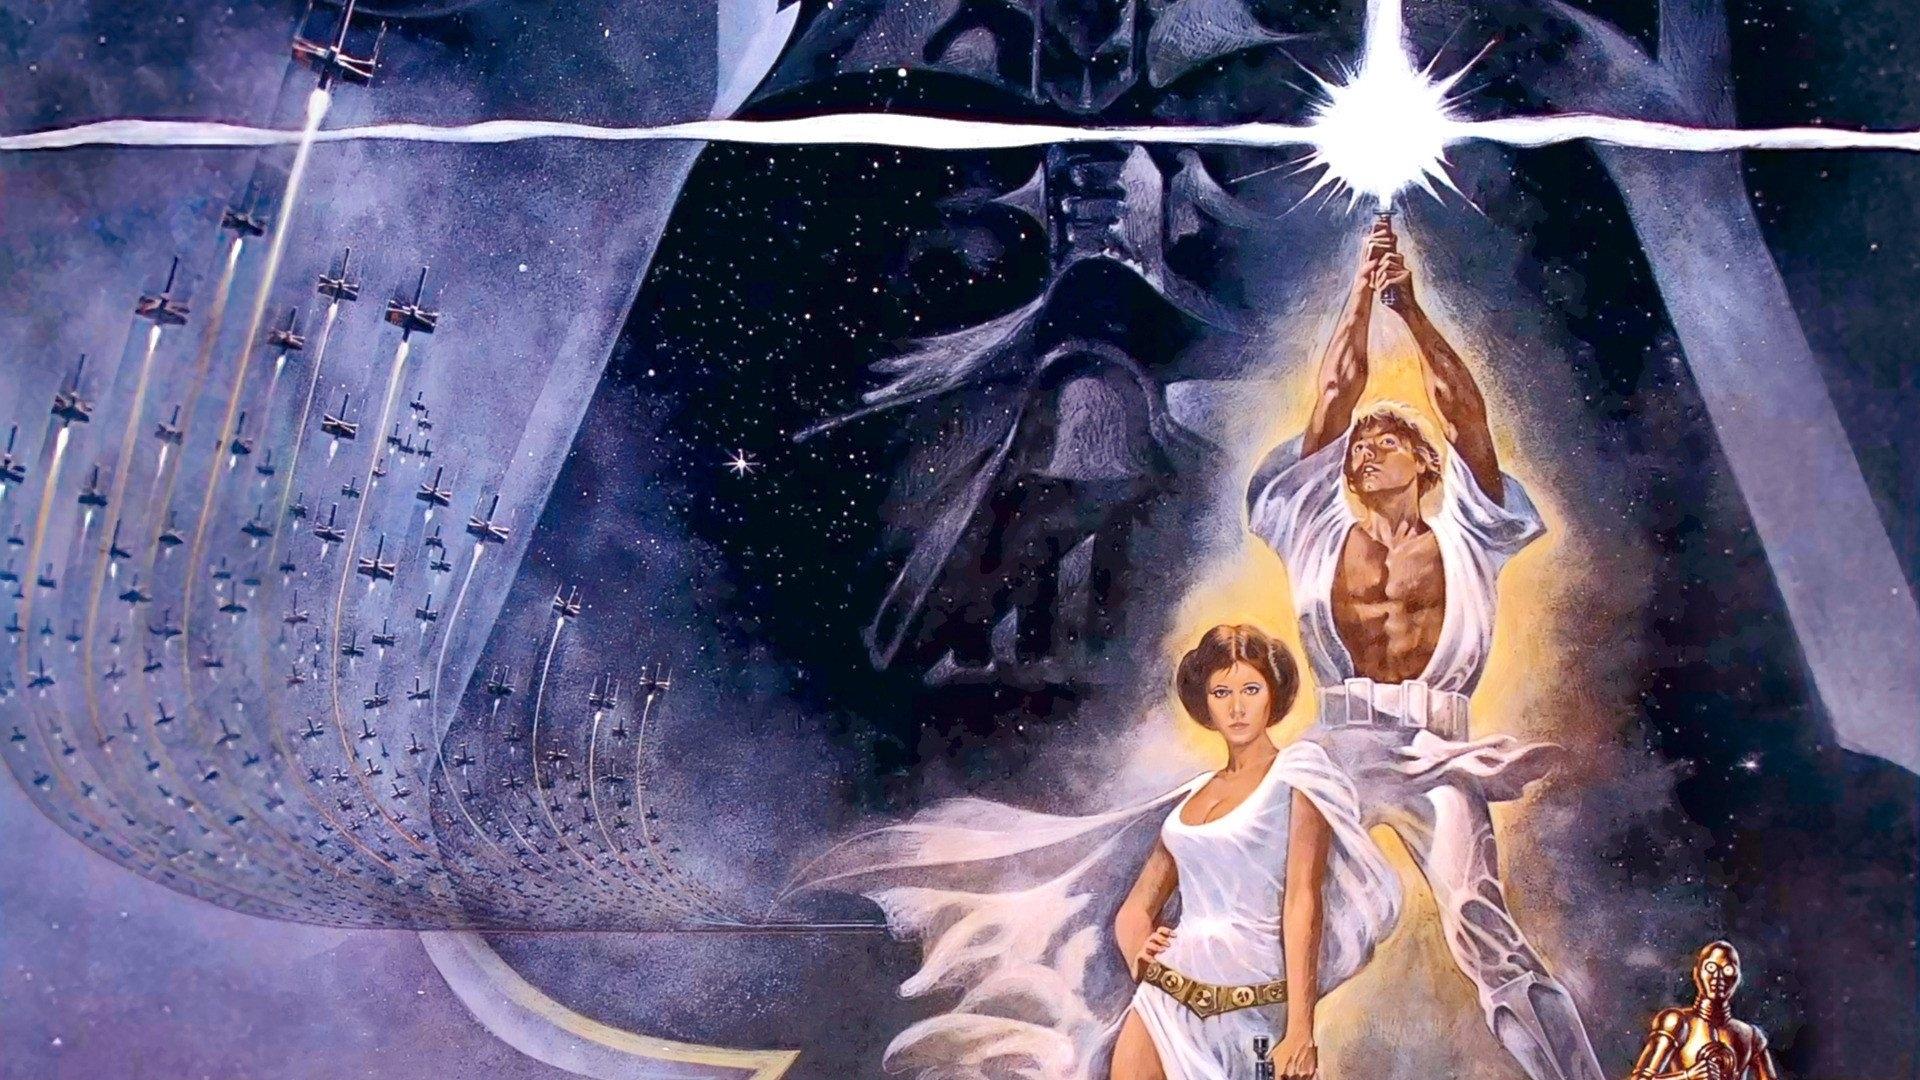 star wars, épisode iv : un nouvel espoir full hd fond d'écran and